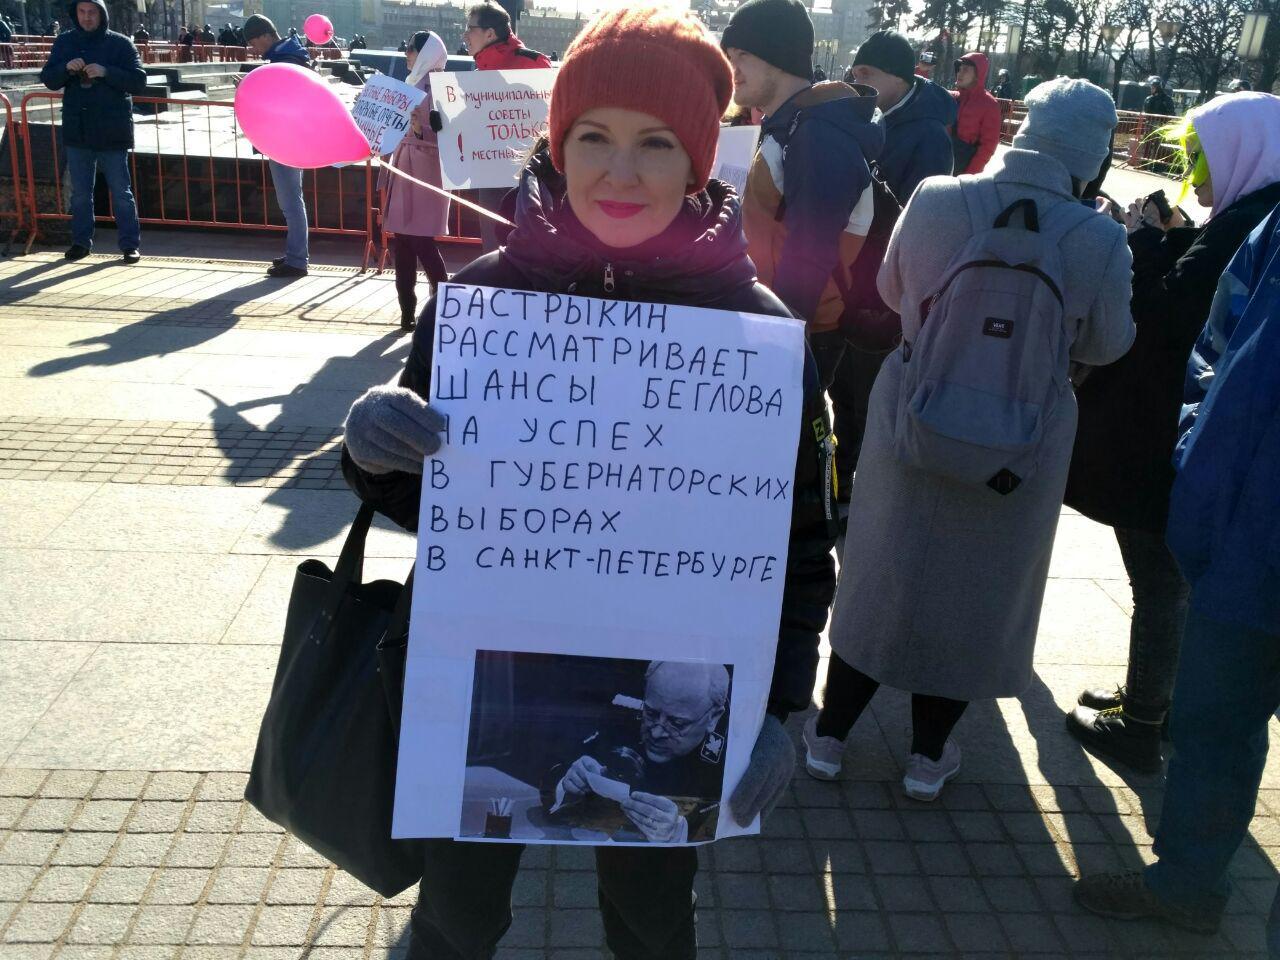 фото ЗакС политика В толпе собравшихся на митинг за честные выборы встречаются критикующие Беглова плакаты